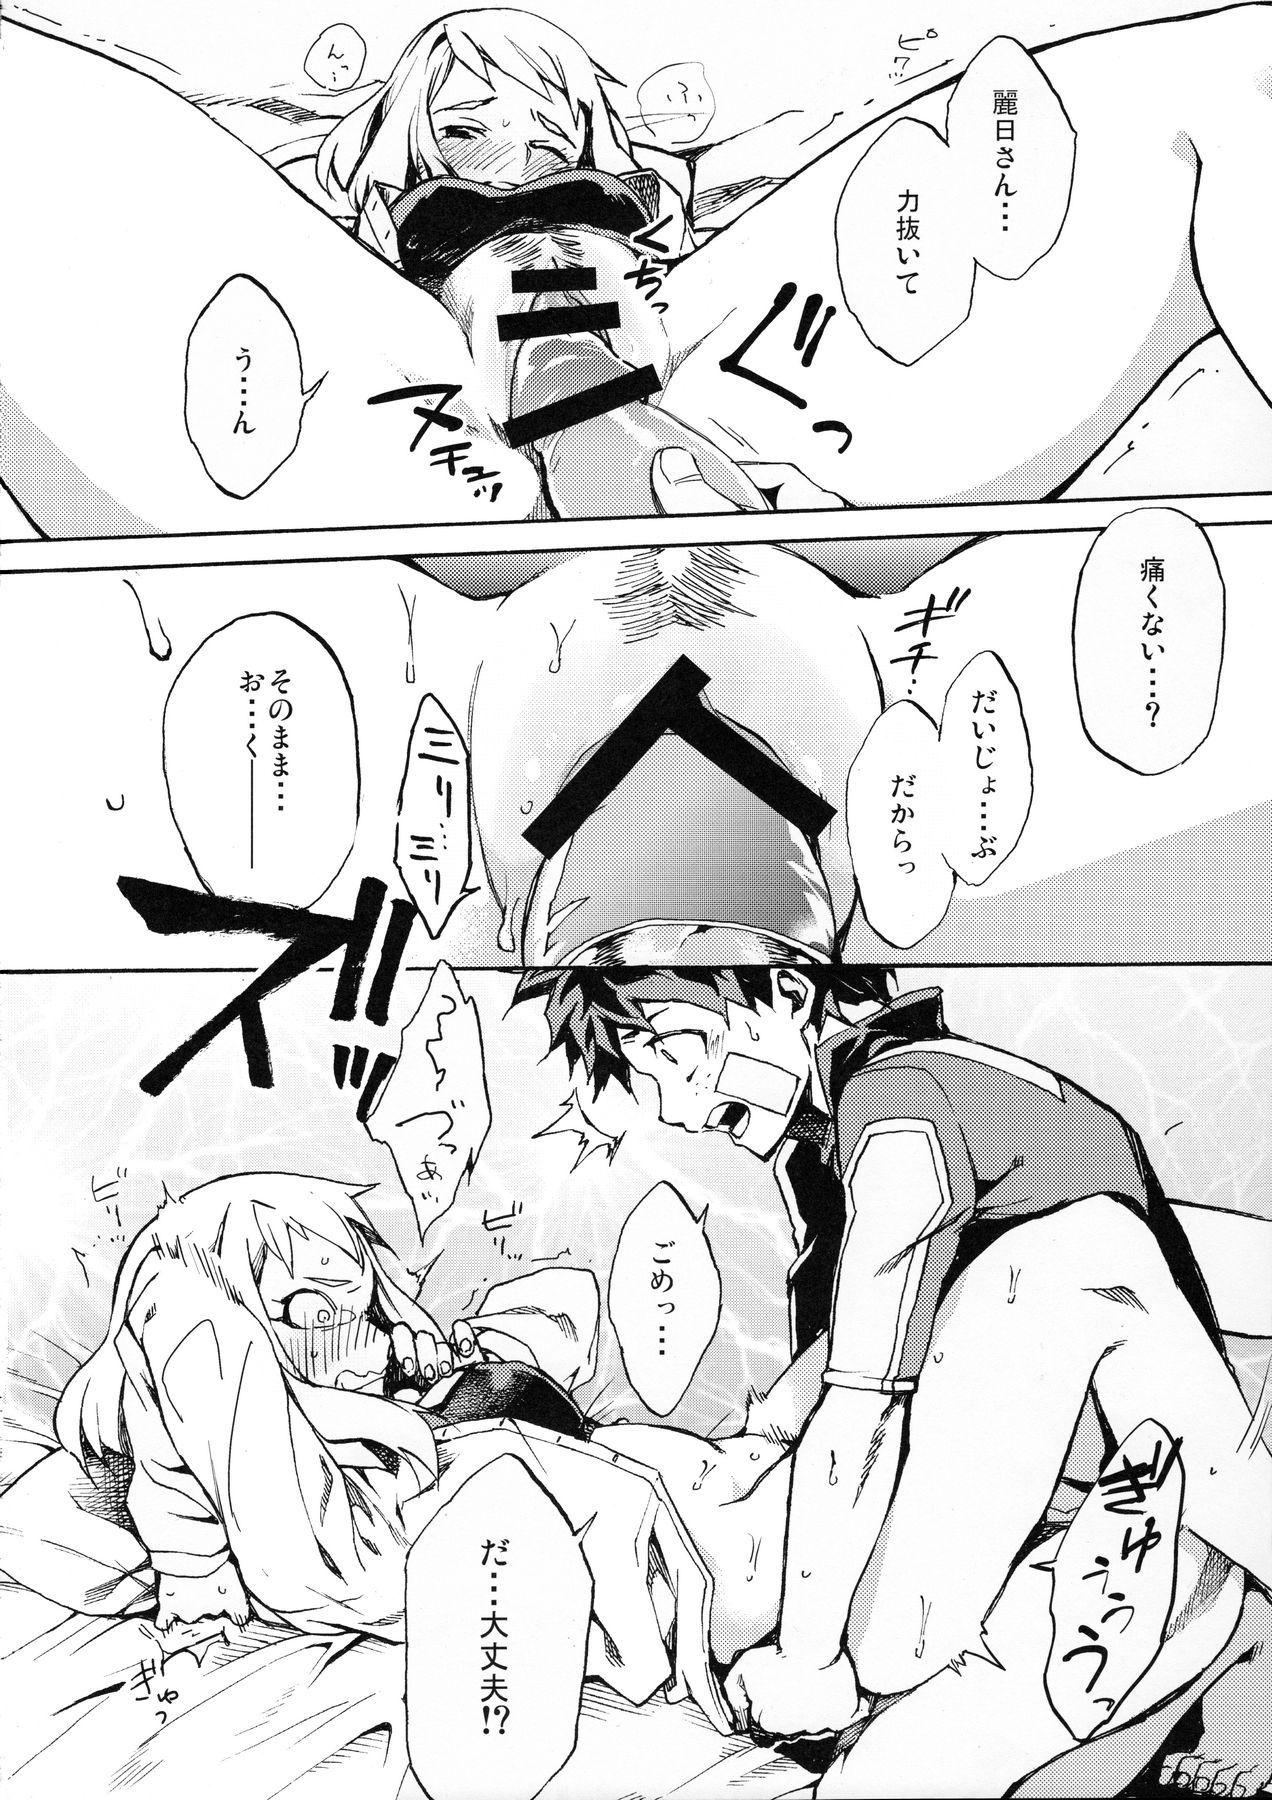 Ukiseikou hentai manga picture 17